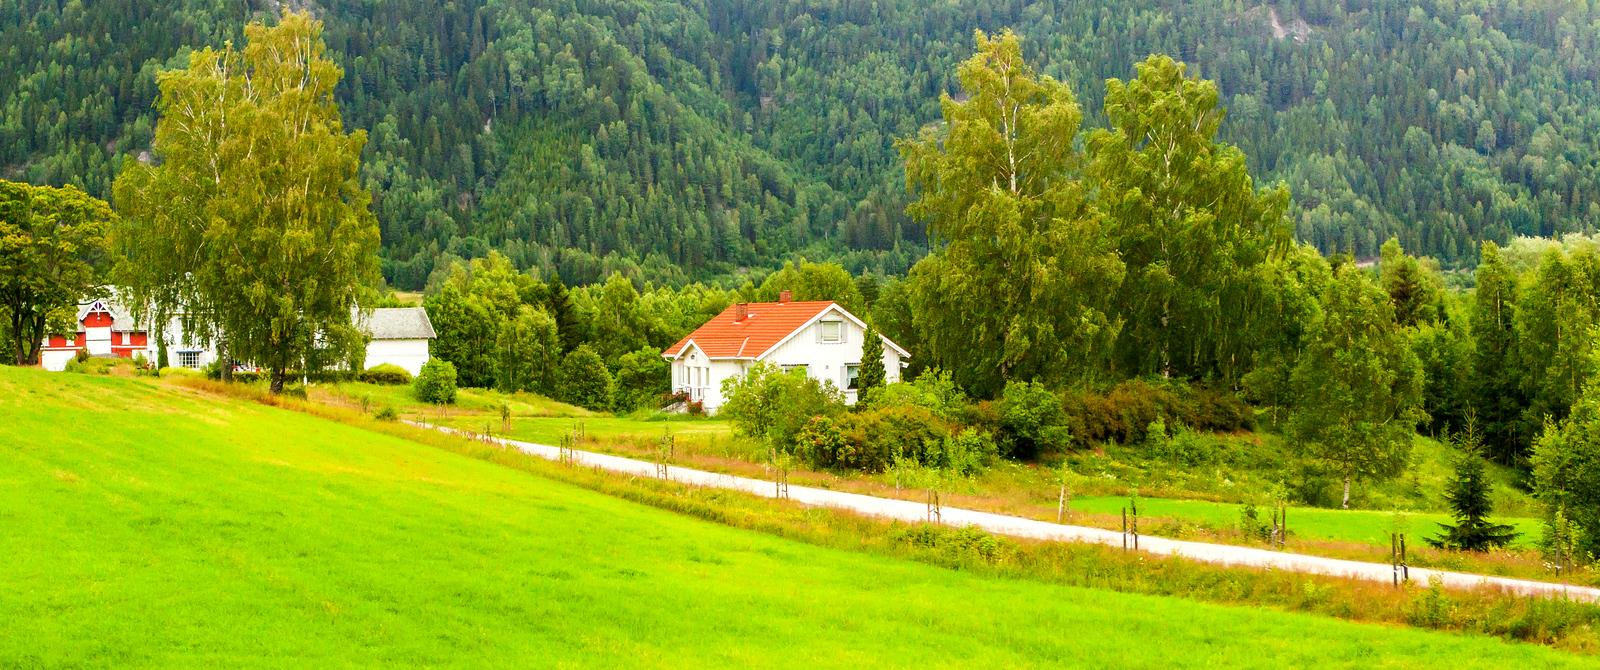 北欧的居住环境 住在这里等于住在童话世界